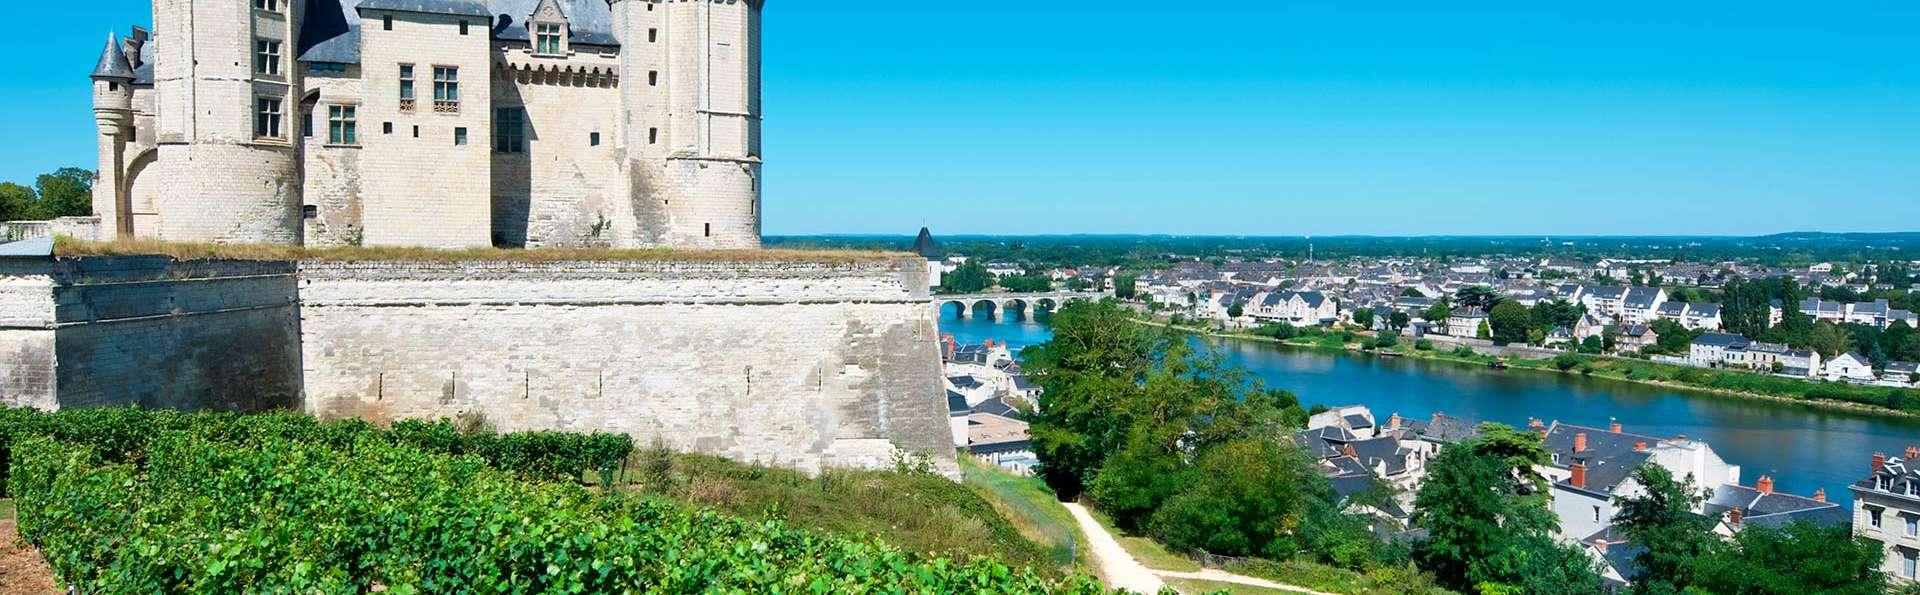 Les Terrasses de Saumur - EDIT_destination2.jpg